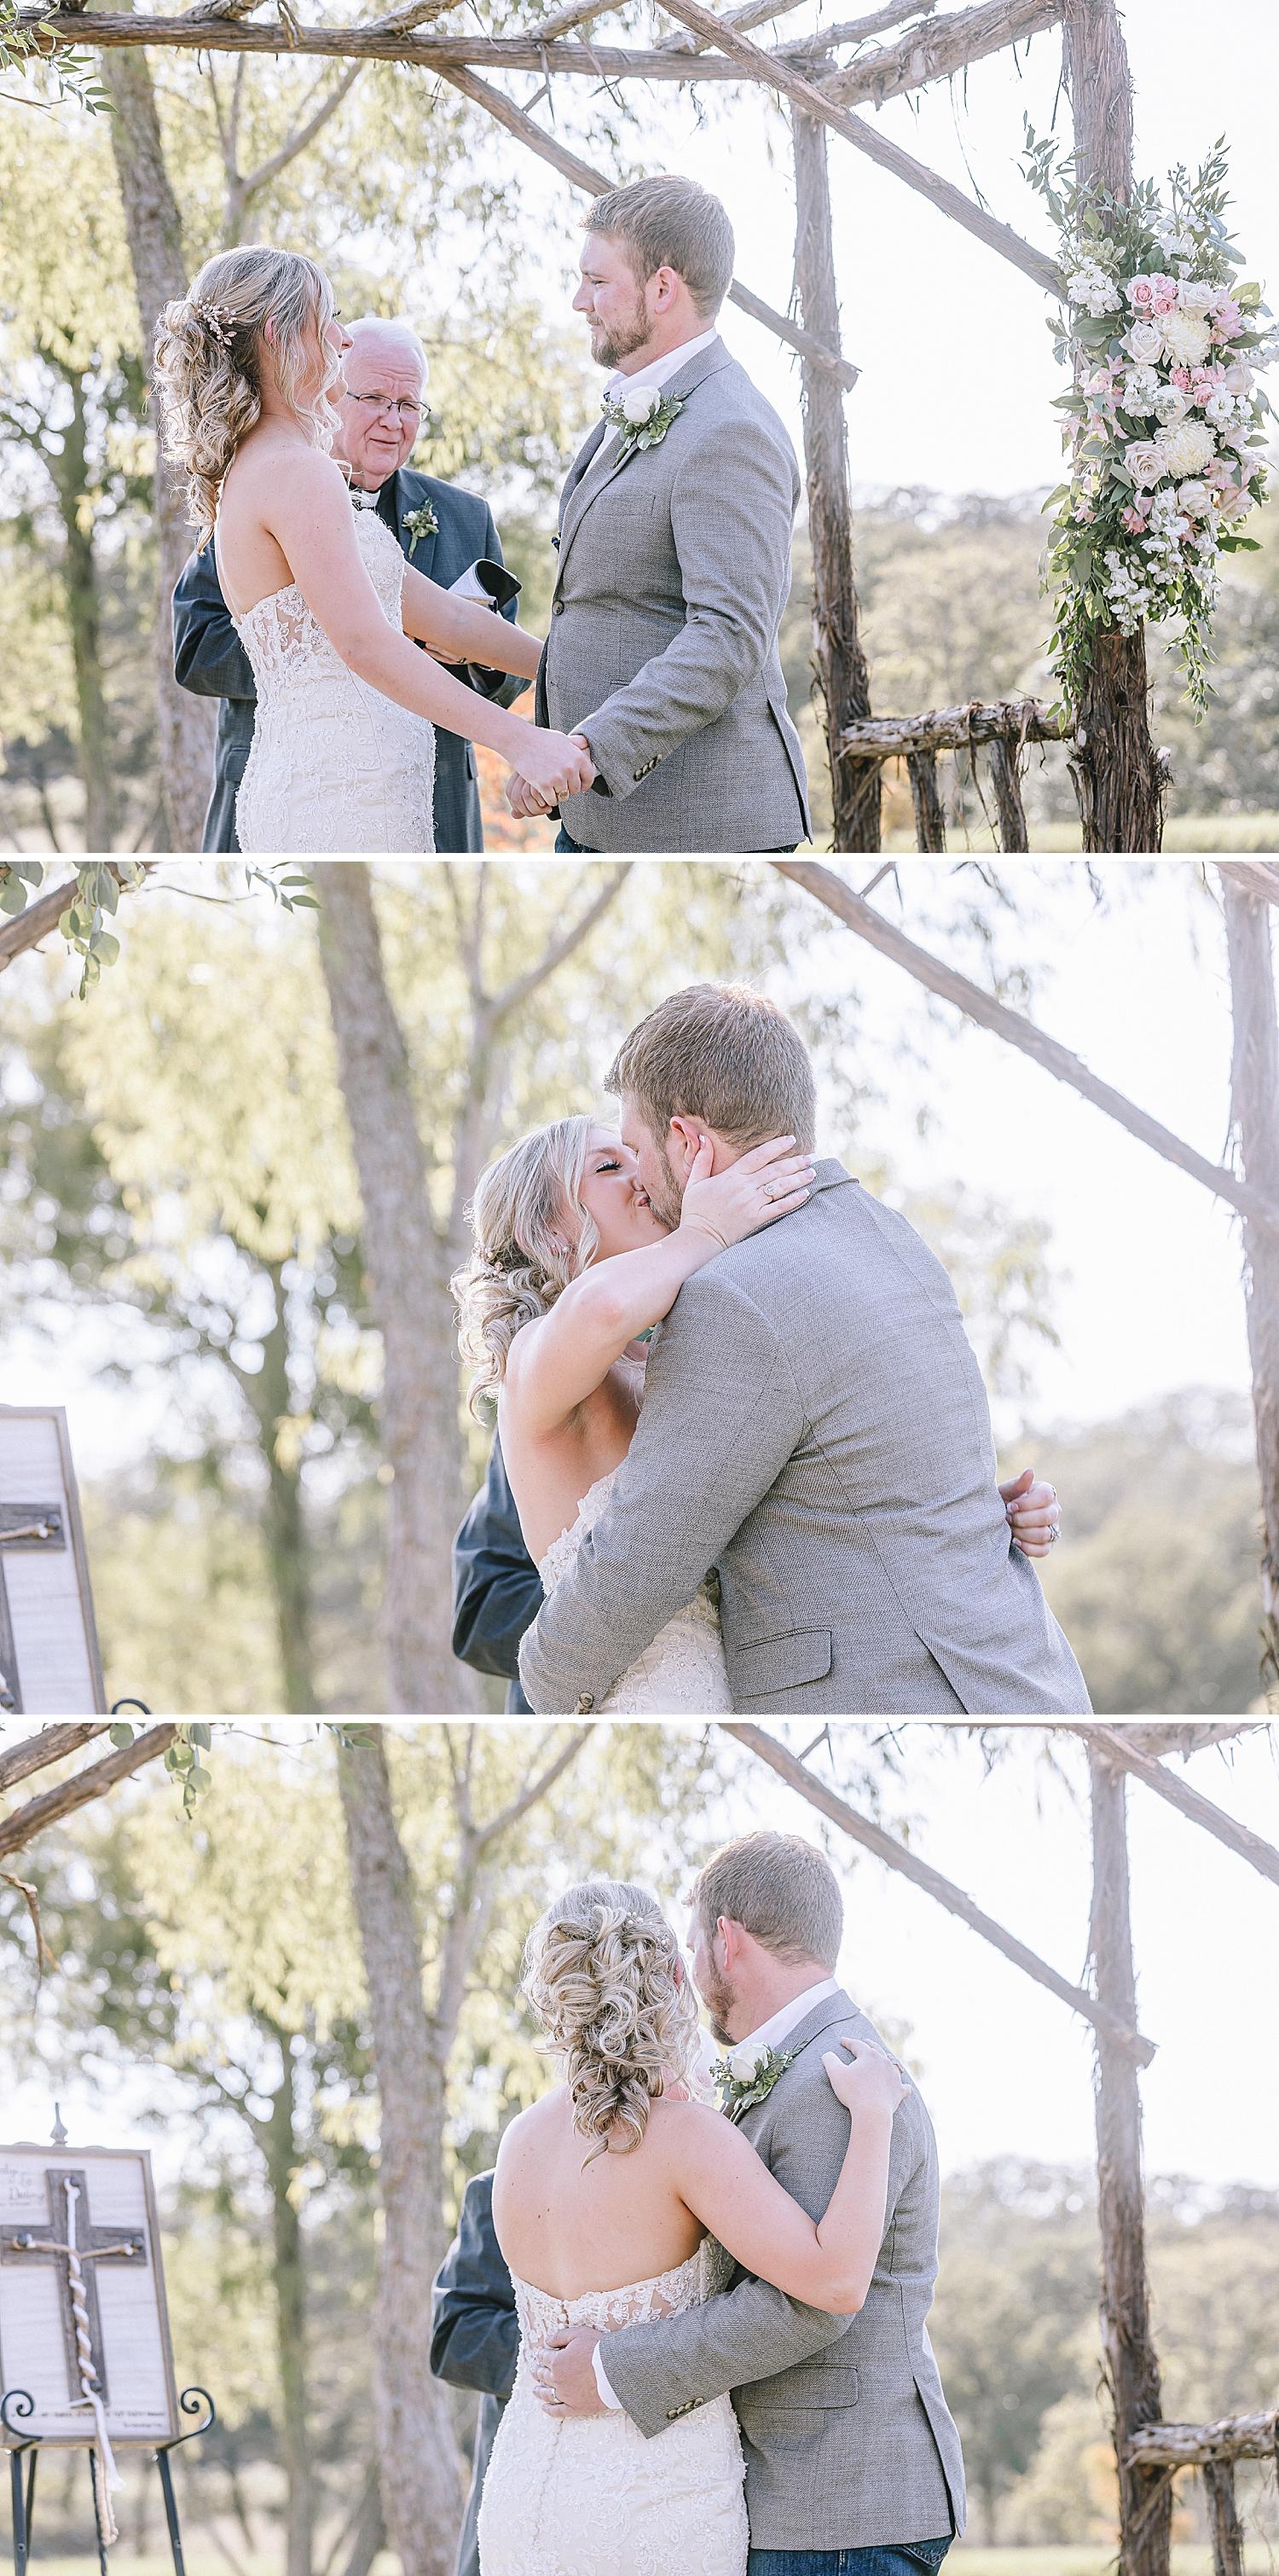 Rackler-Ranch-LaVernia-Texas-Wedding-Carly-Barton-Photography_0070.jpg